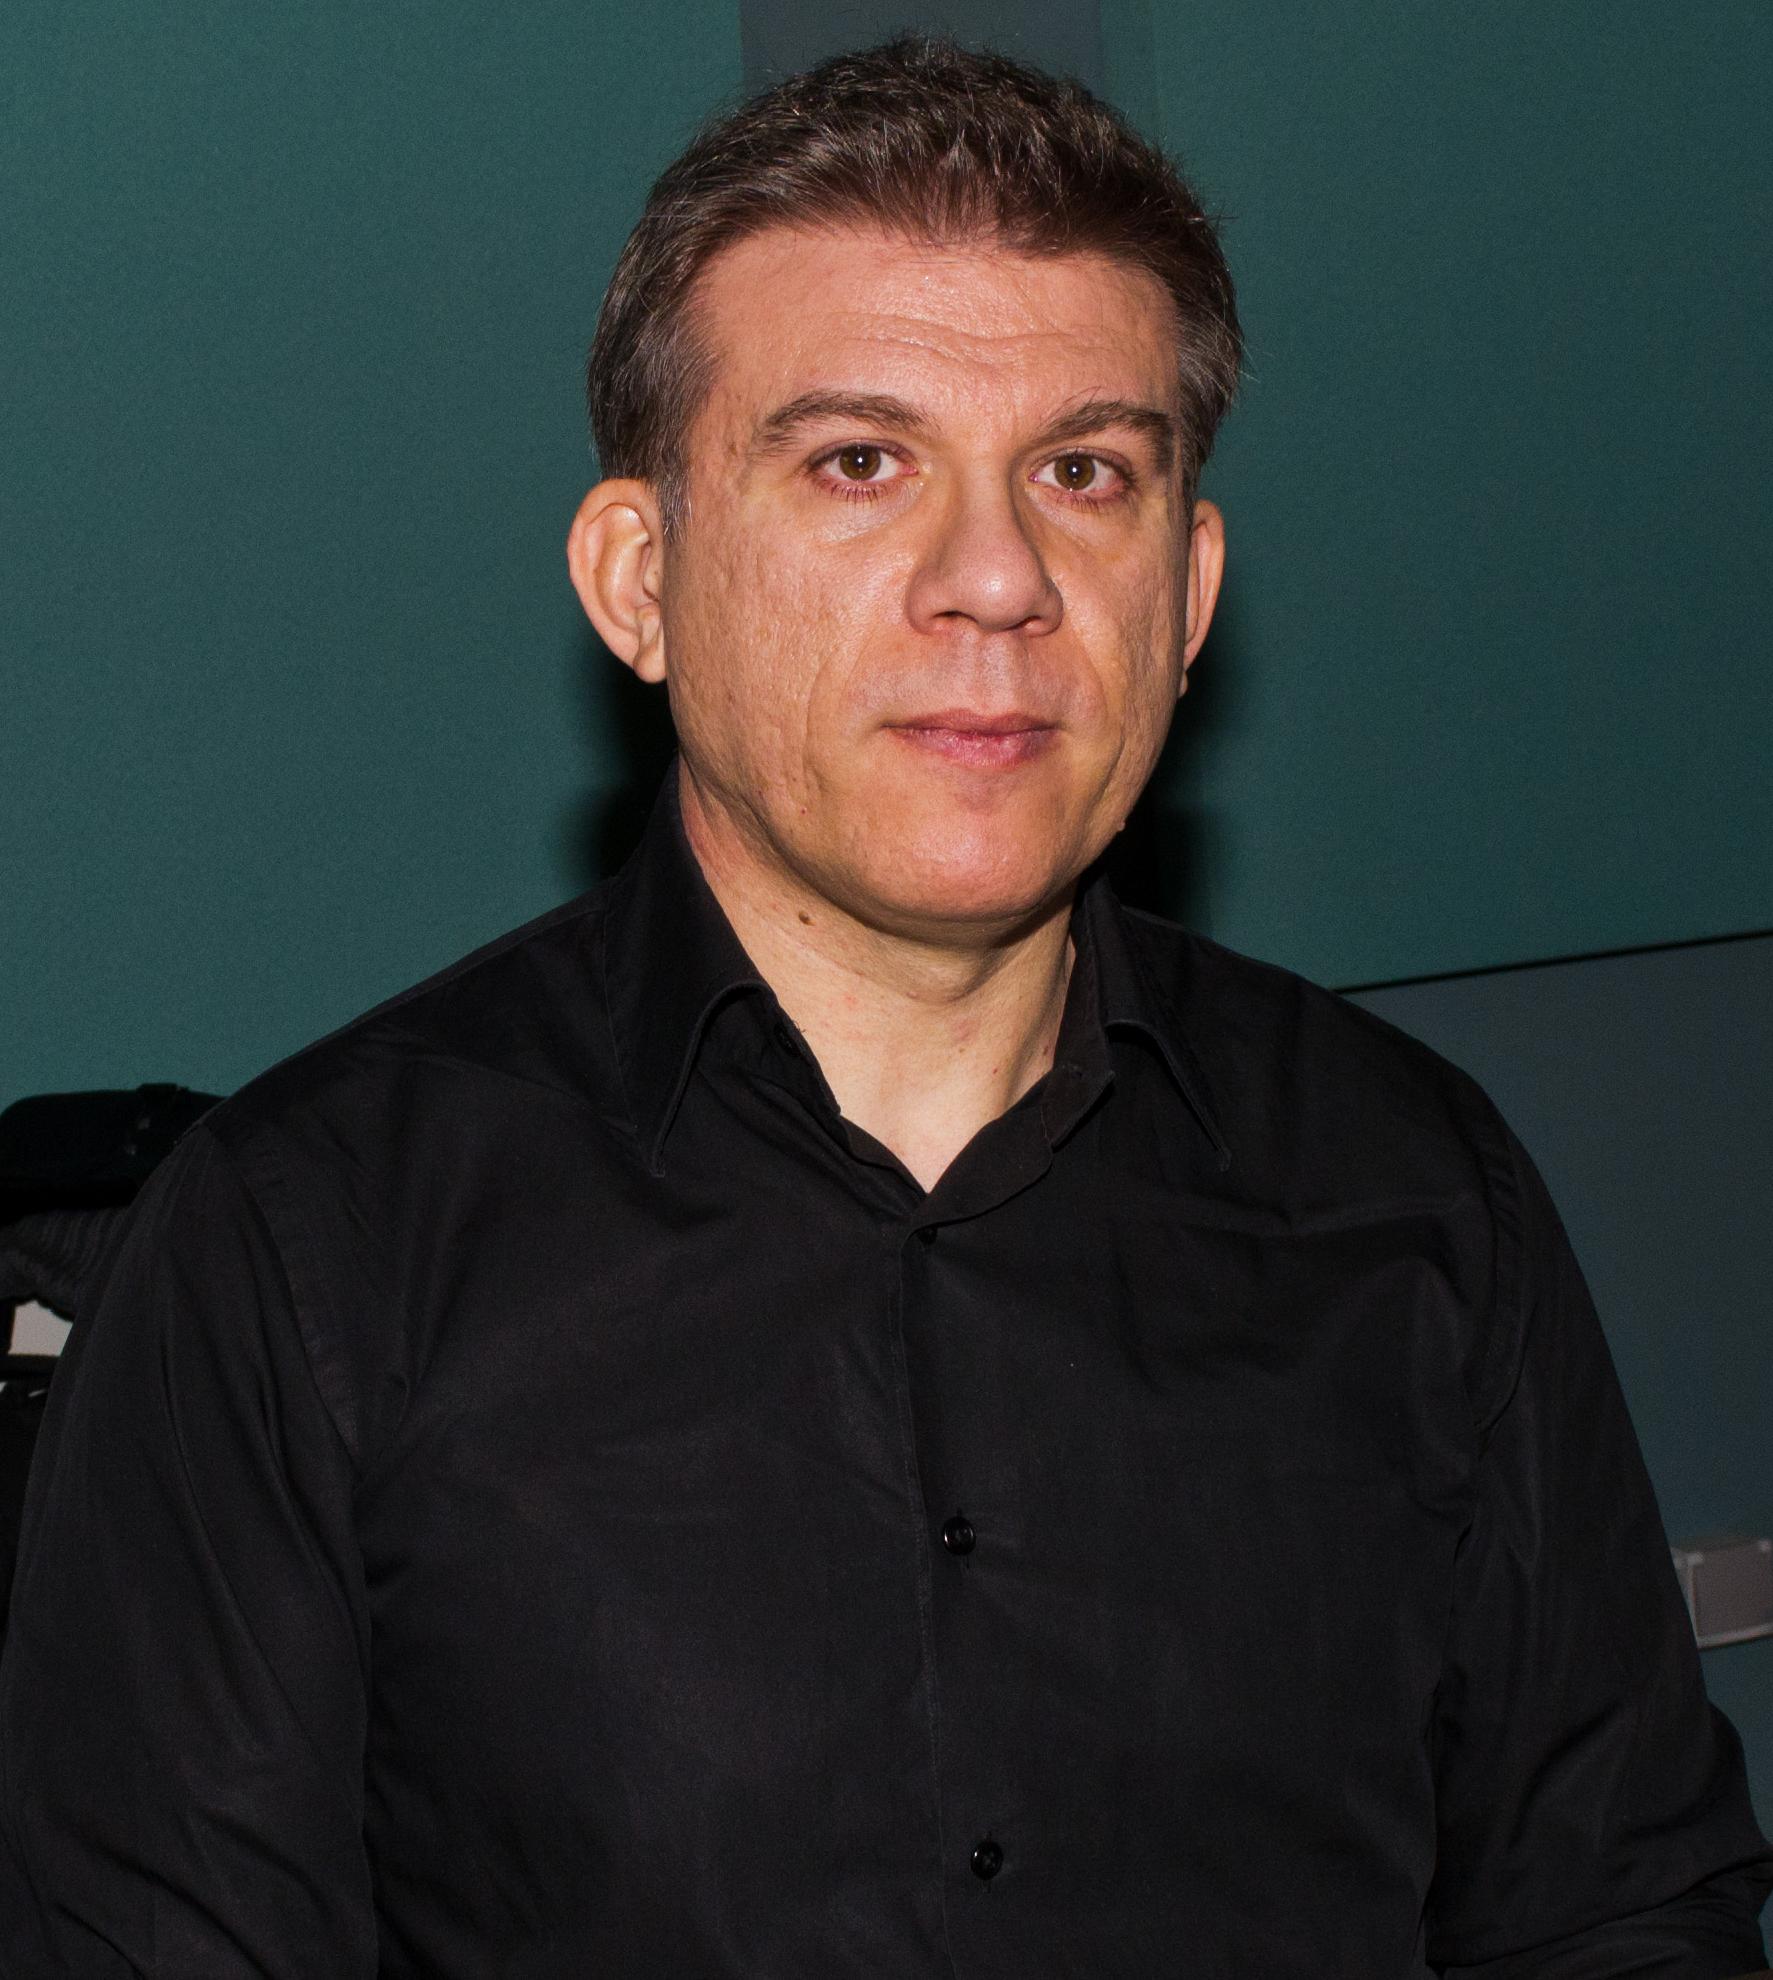 Salvador Larroca